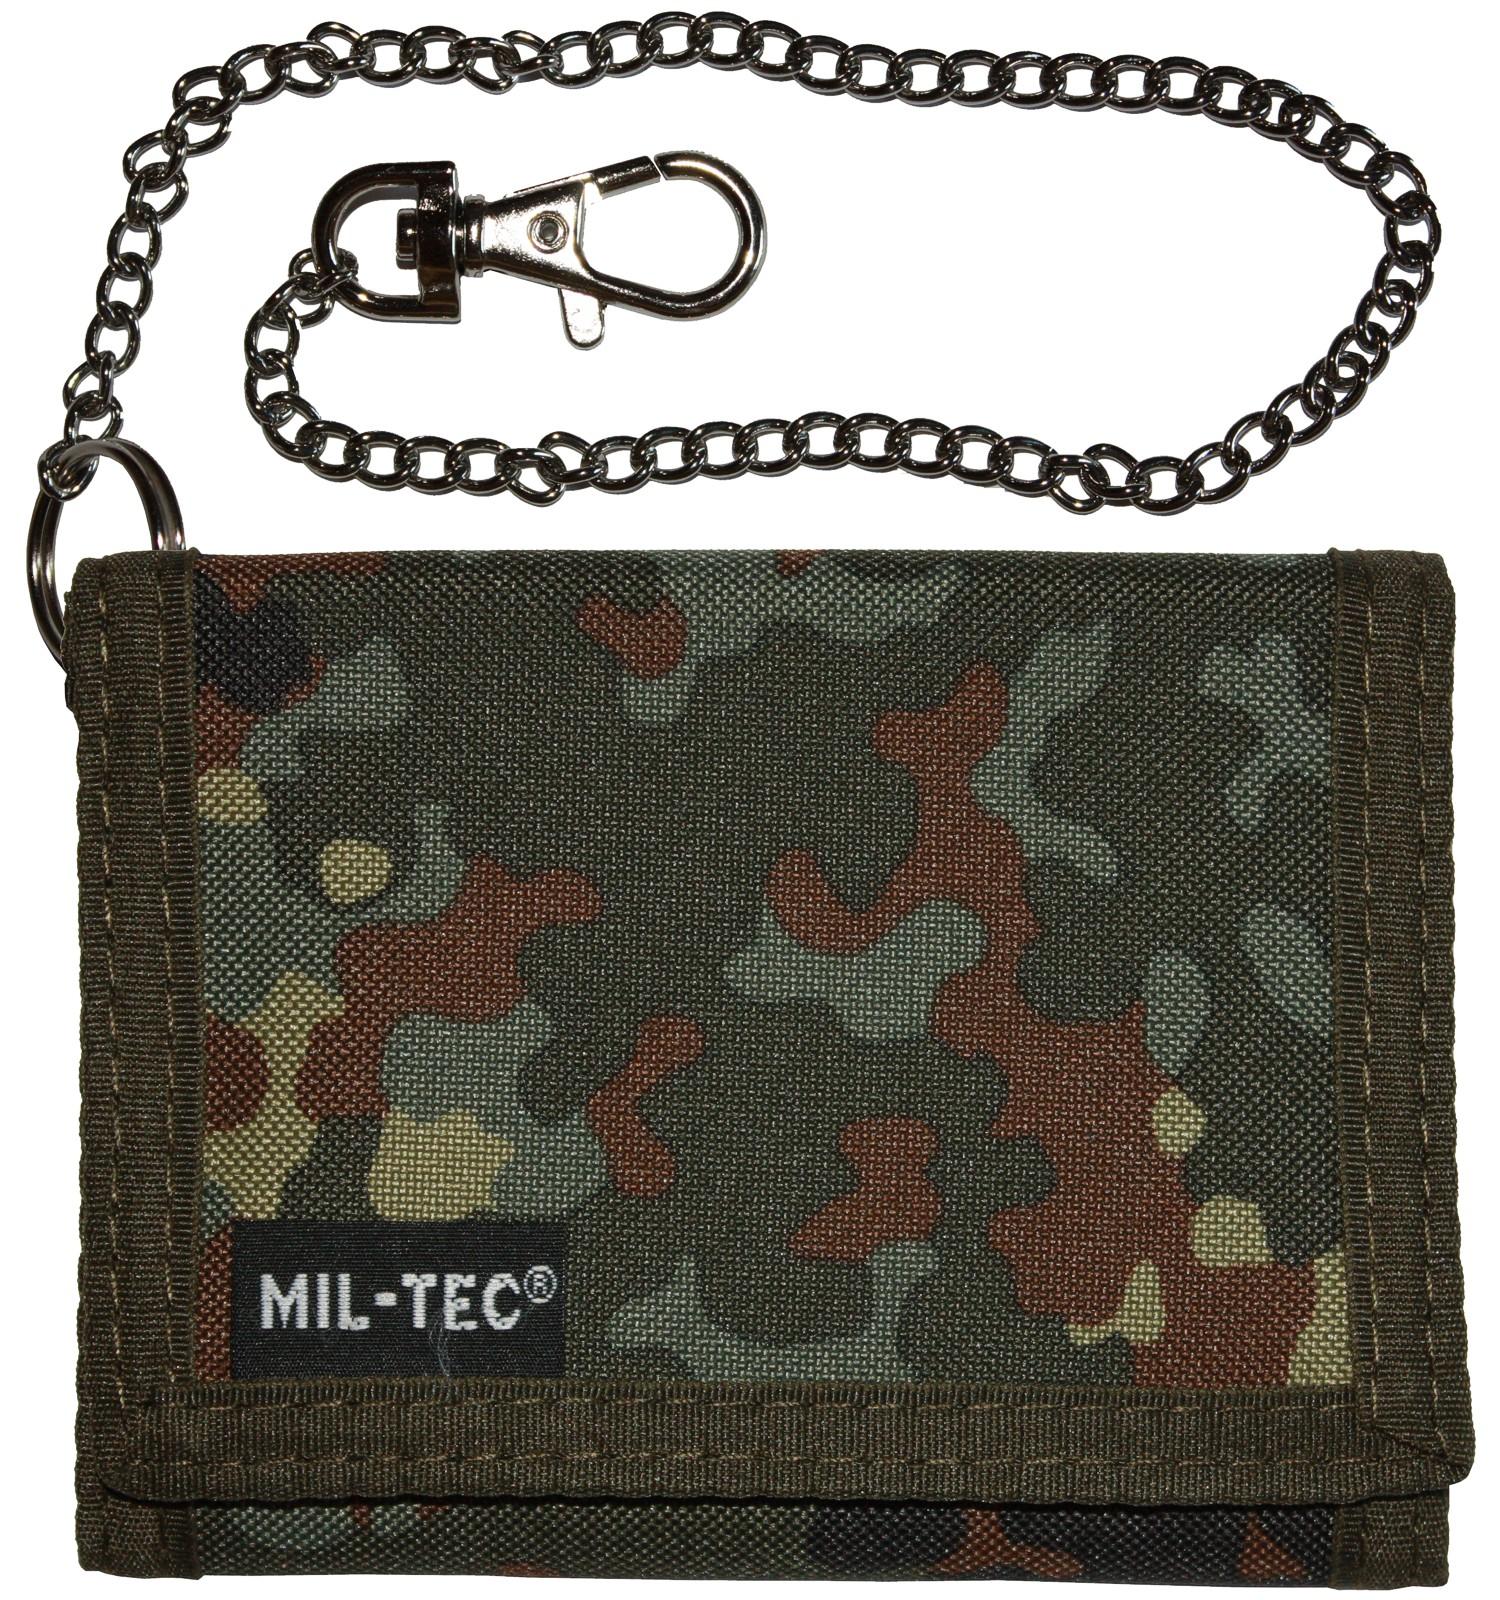 Mil-Tec Geldbeutel Geldbörse Klettverschluss Sicherheitskette Flecktarn